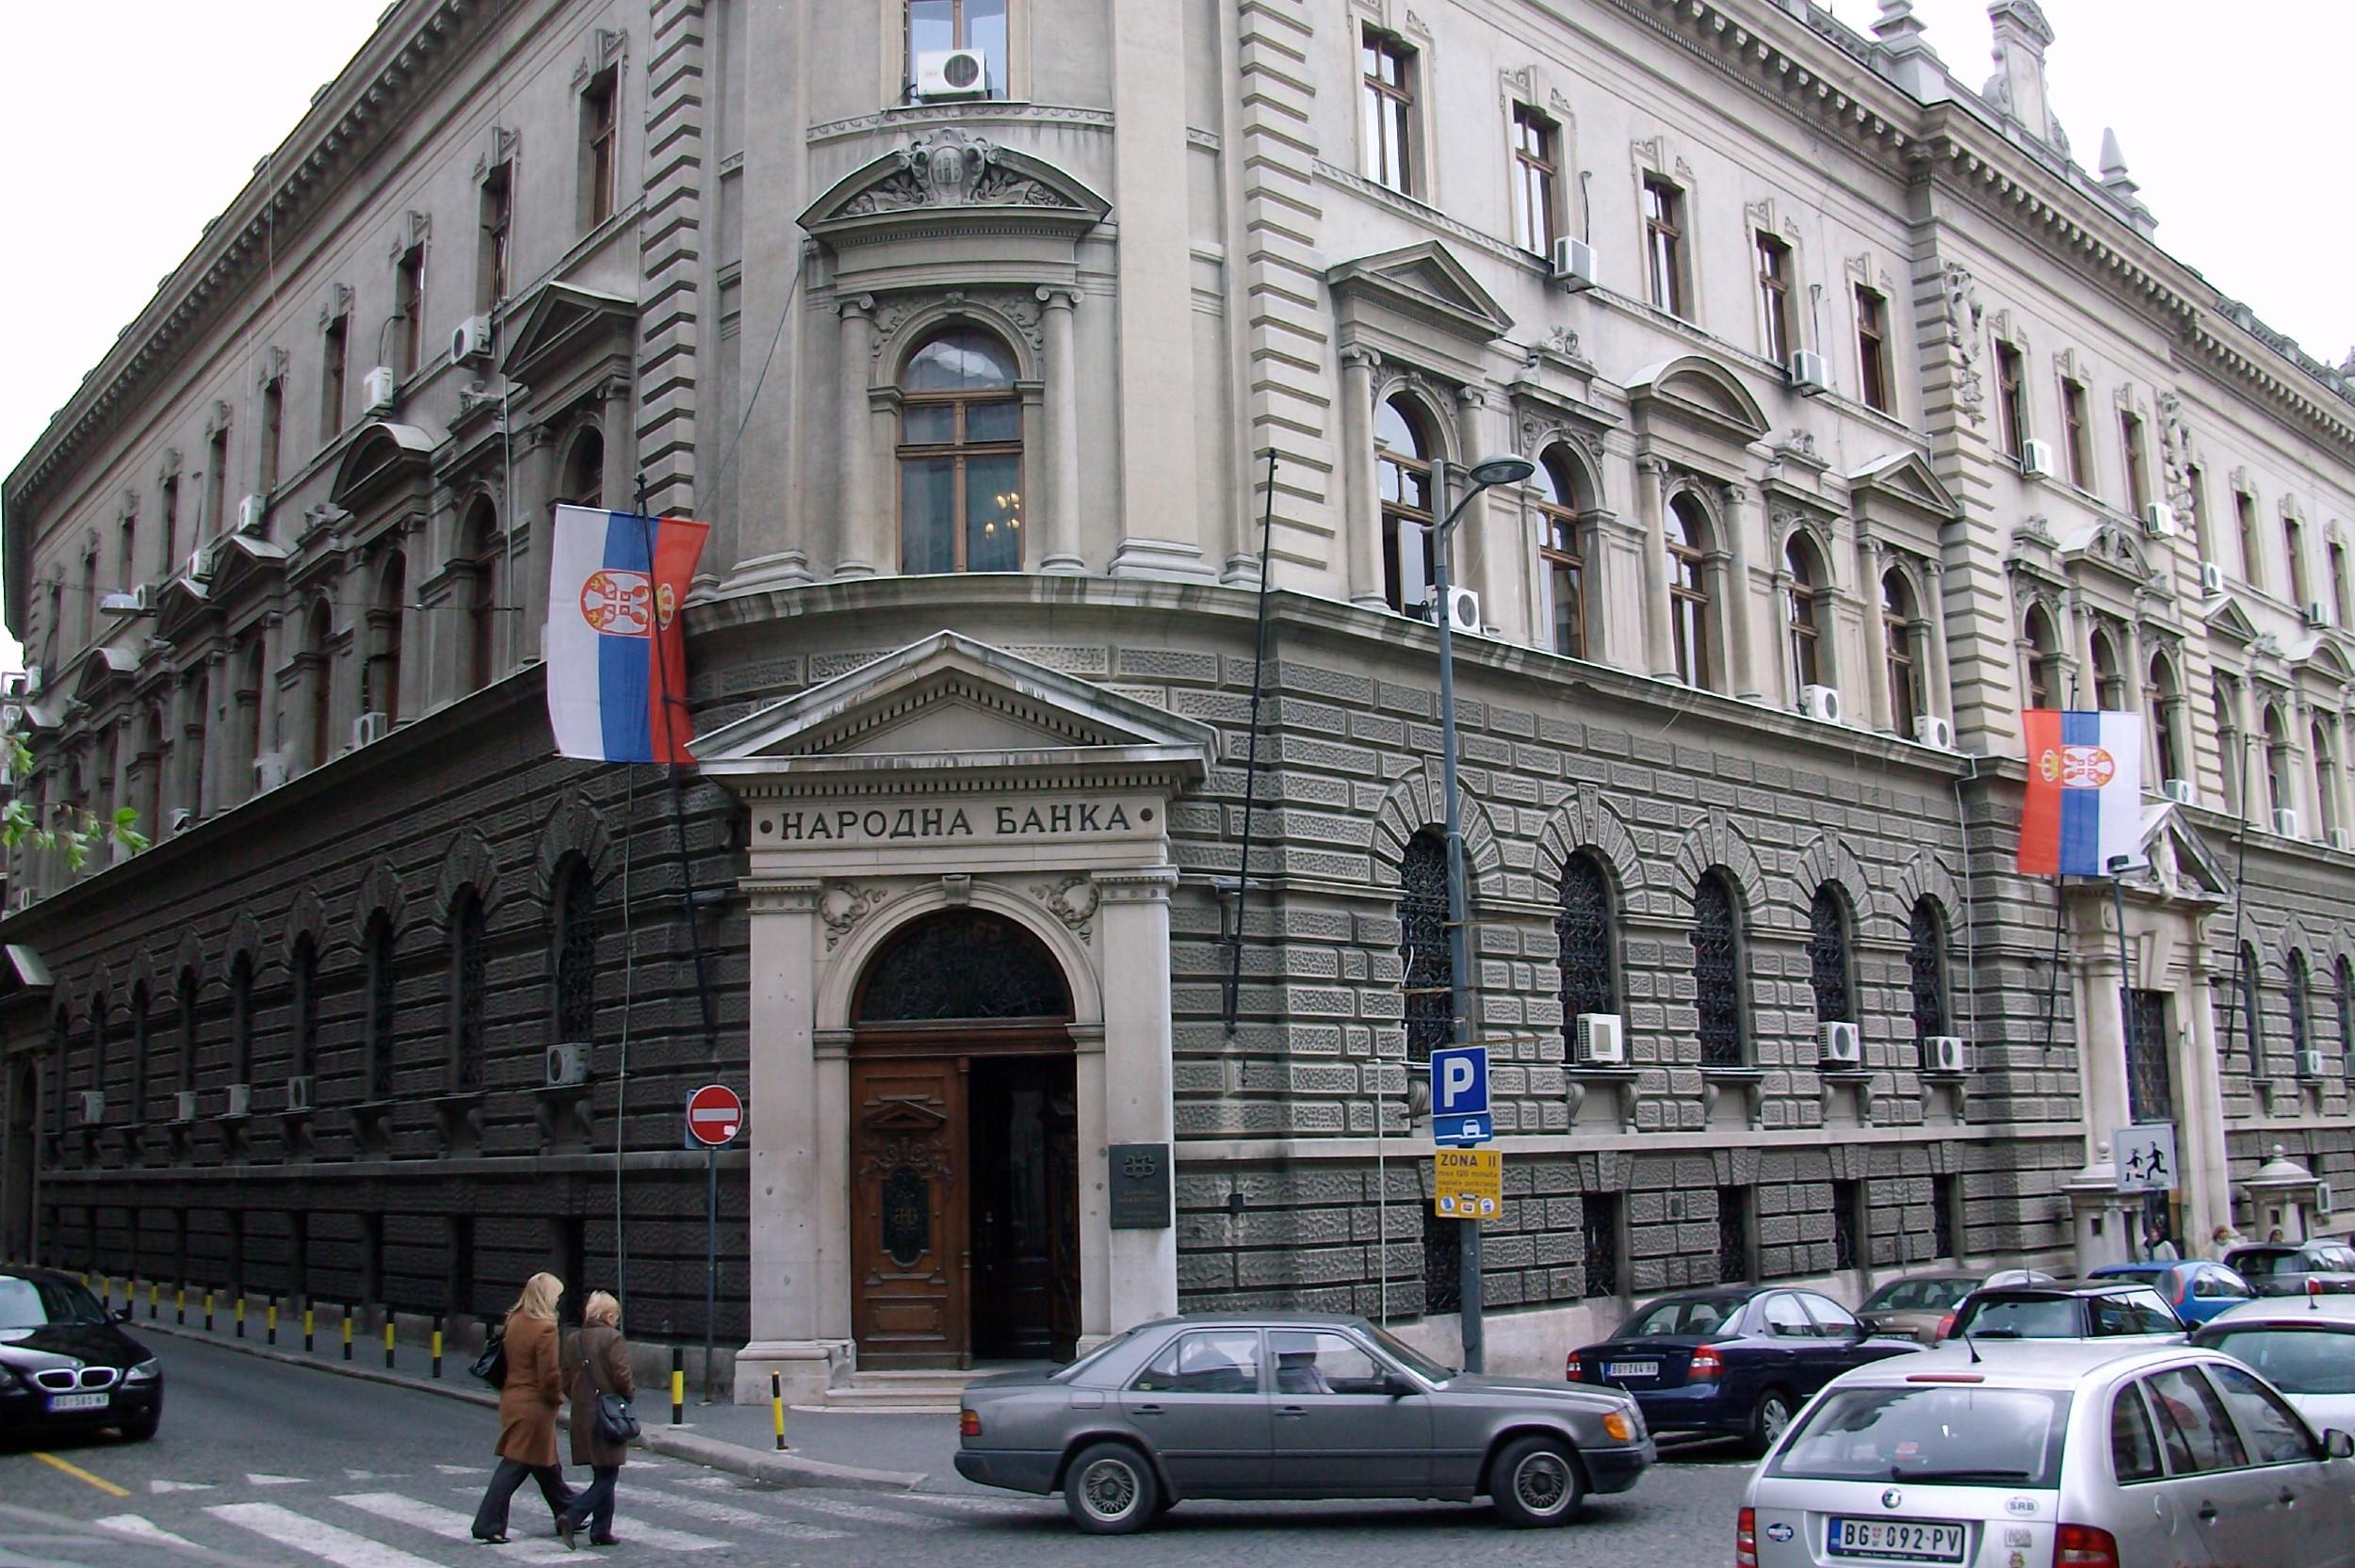 Зграда Народне банке Србије у улици Краља Петра у Београду (Фото: Wikipedia/PedjaNbg)